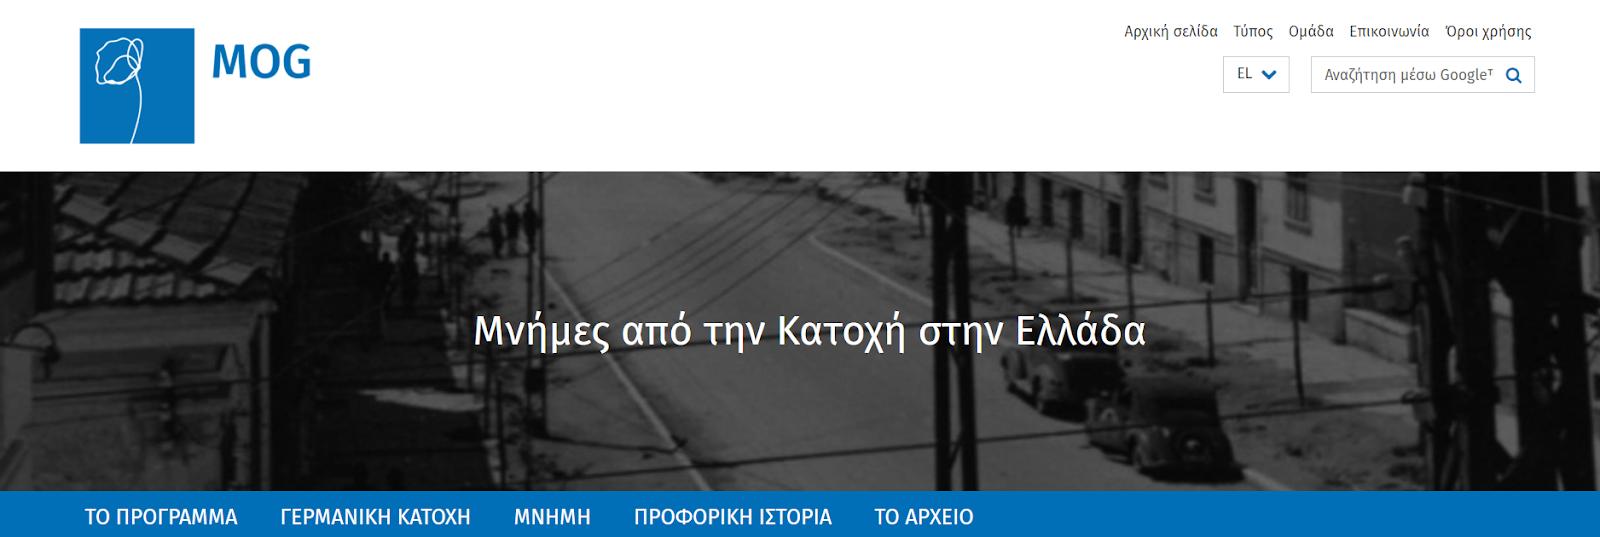 Μνήμες από την Κατοχή στην Ελλάδα